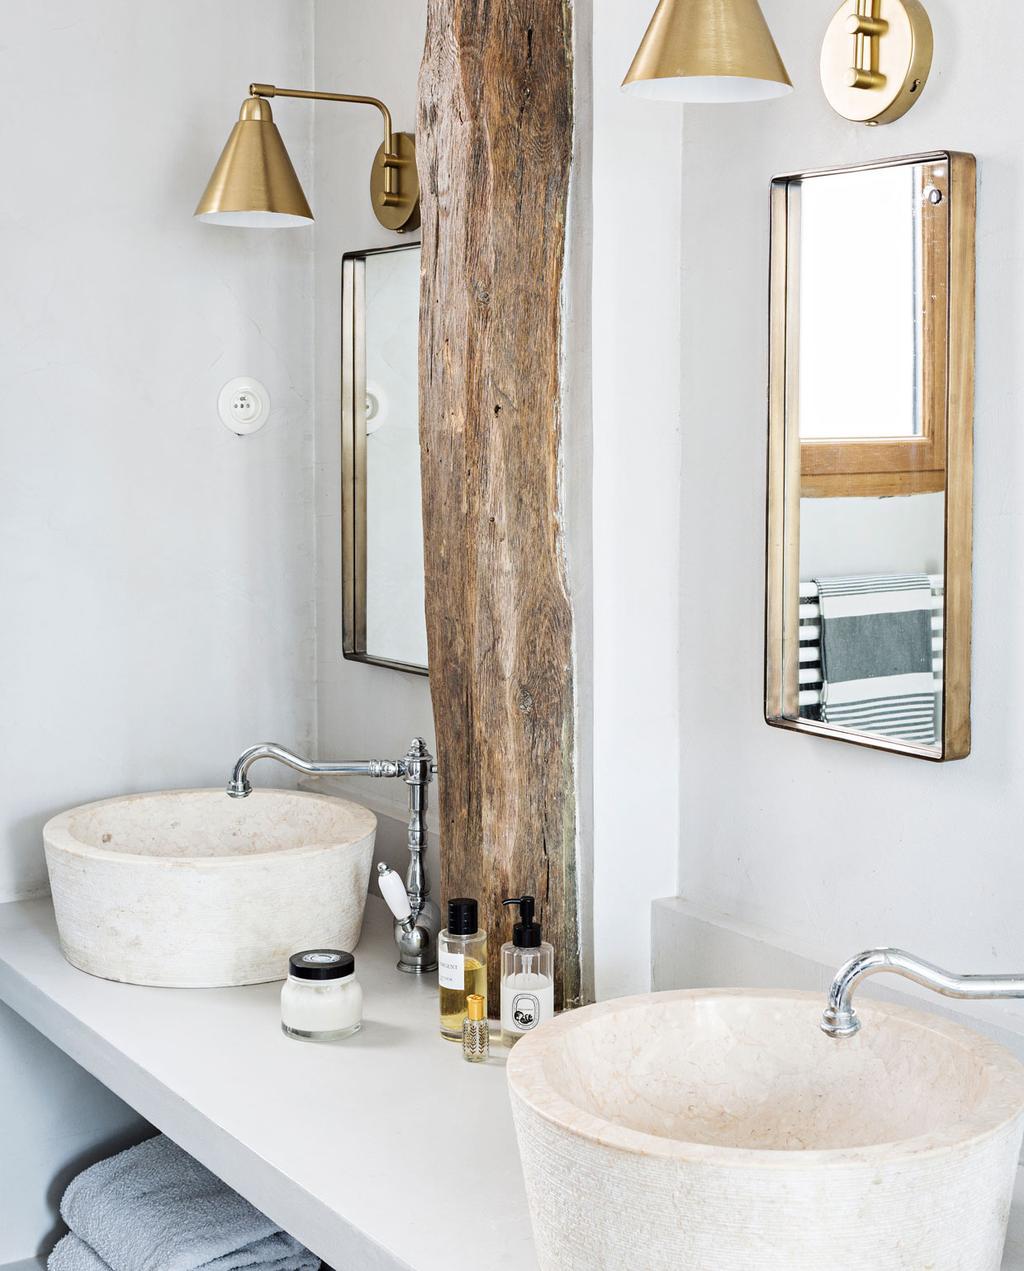 vtwonen 10-2019 | badkamer witte wasbakken en wasmeubel